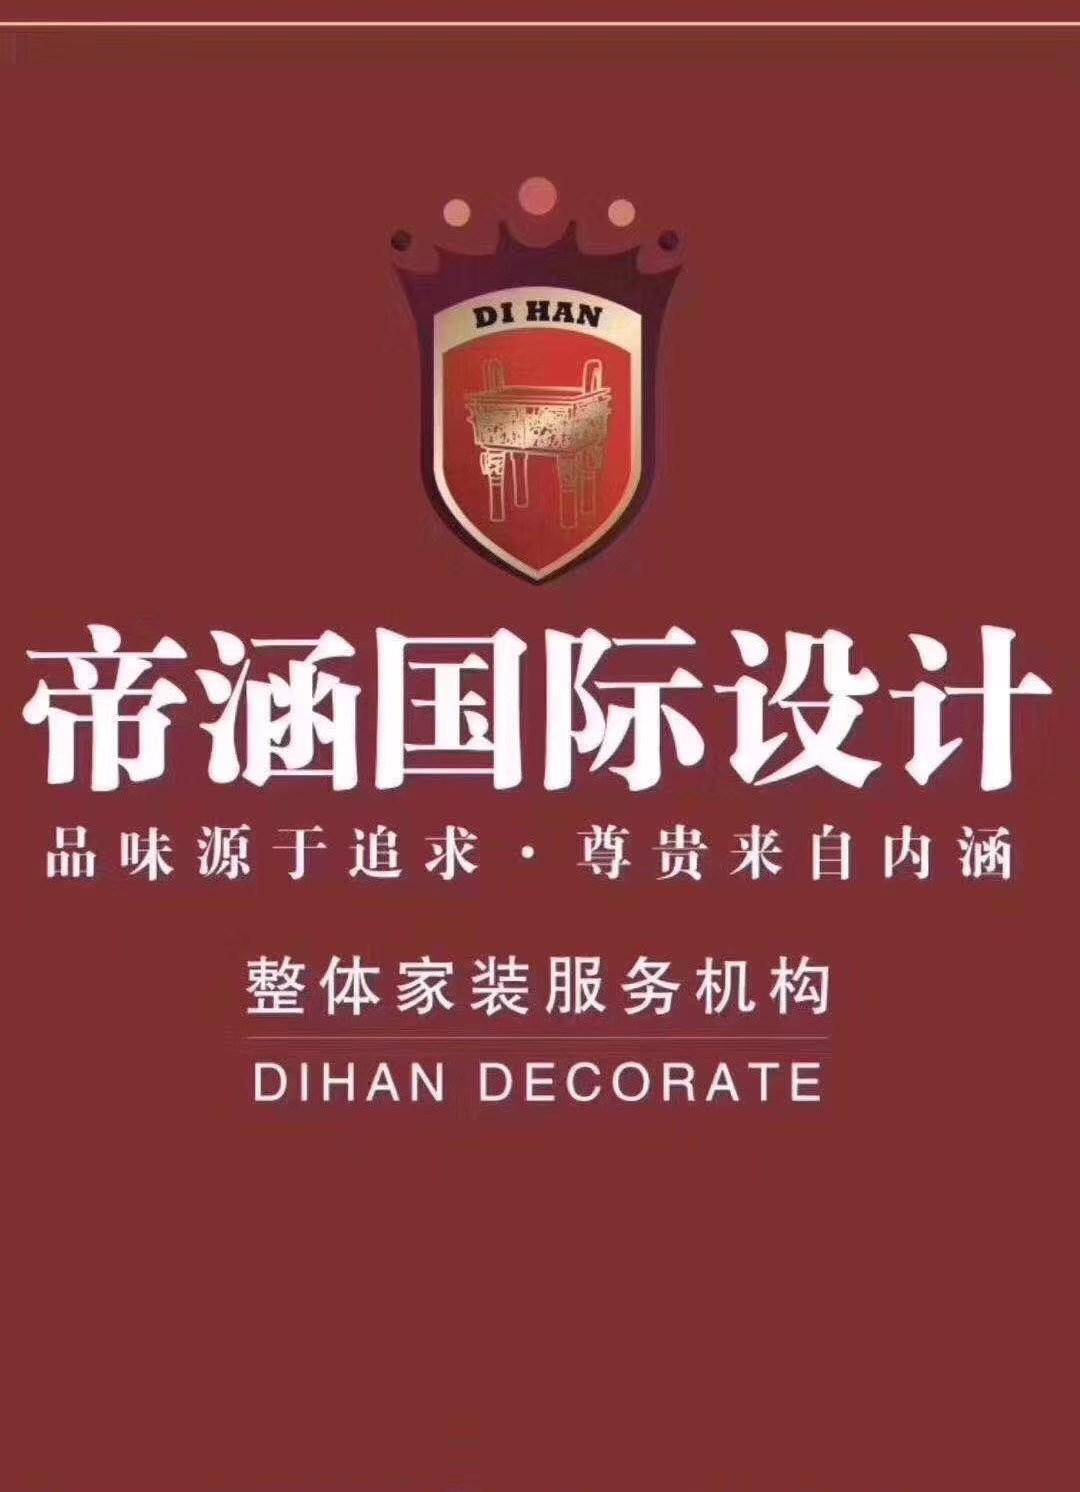 上海帝涵装饰设计工程有限公司嵊州分公司